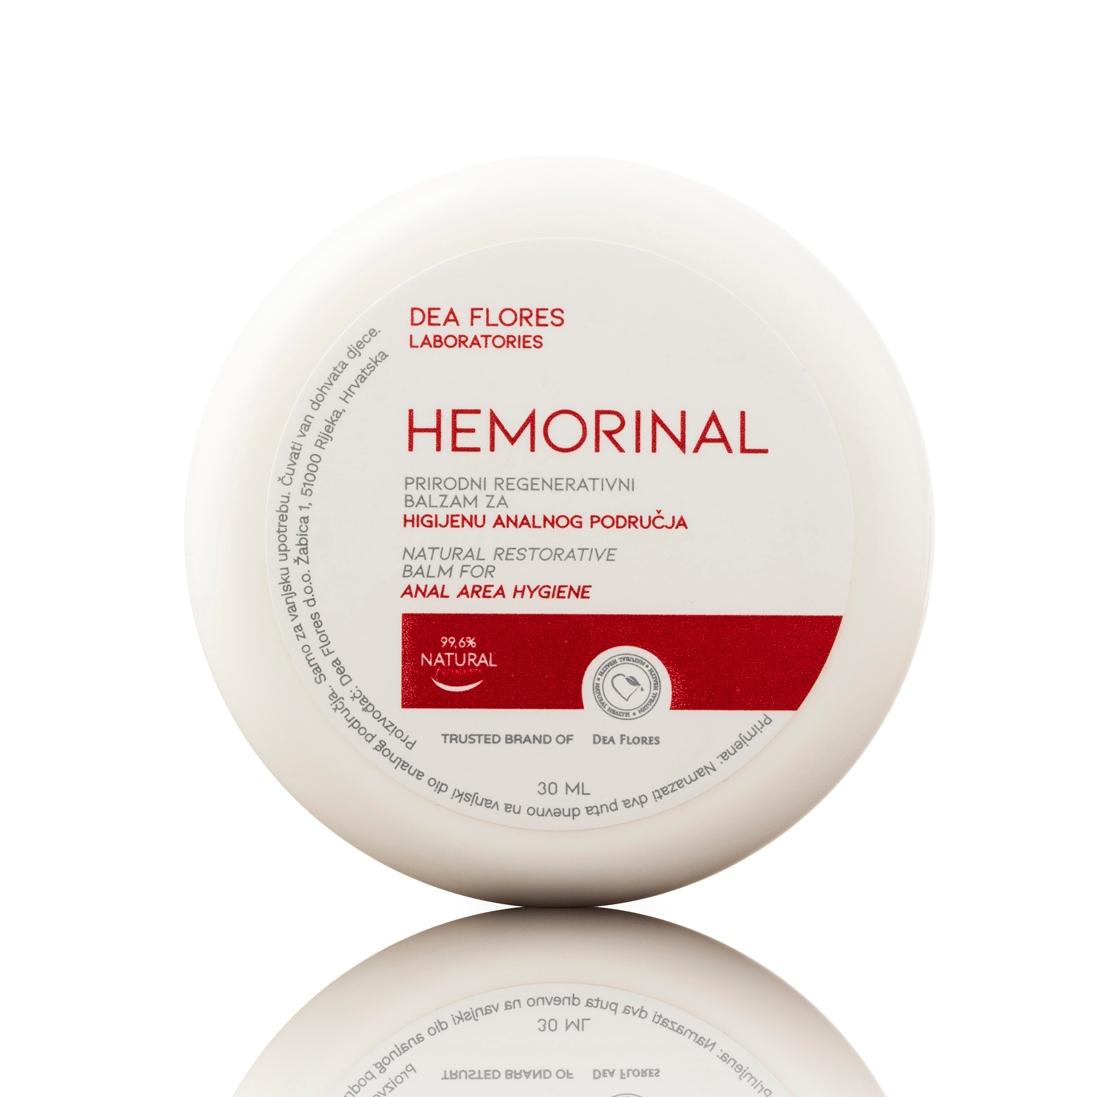 Dea Flores Hemorinal balzam za higijenu analnog područja